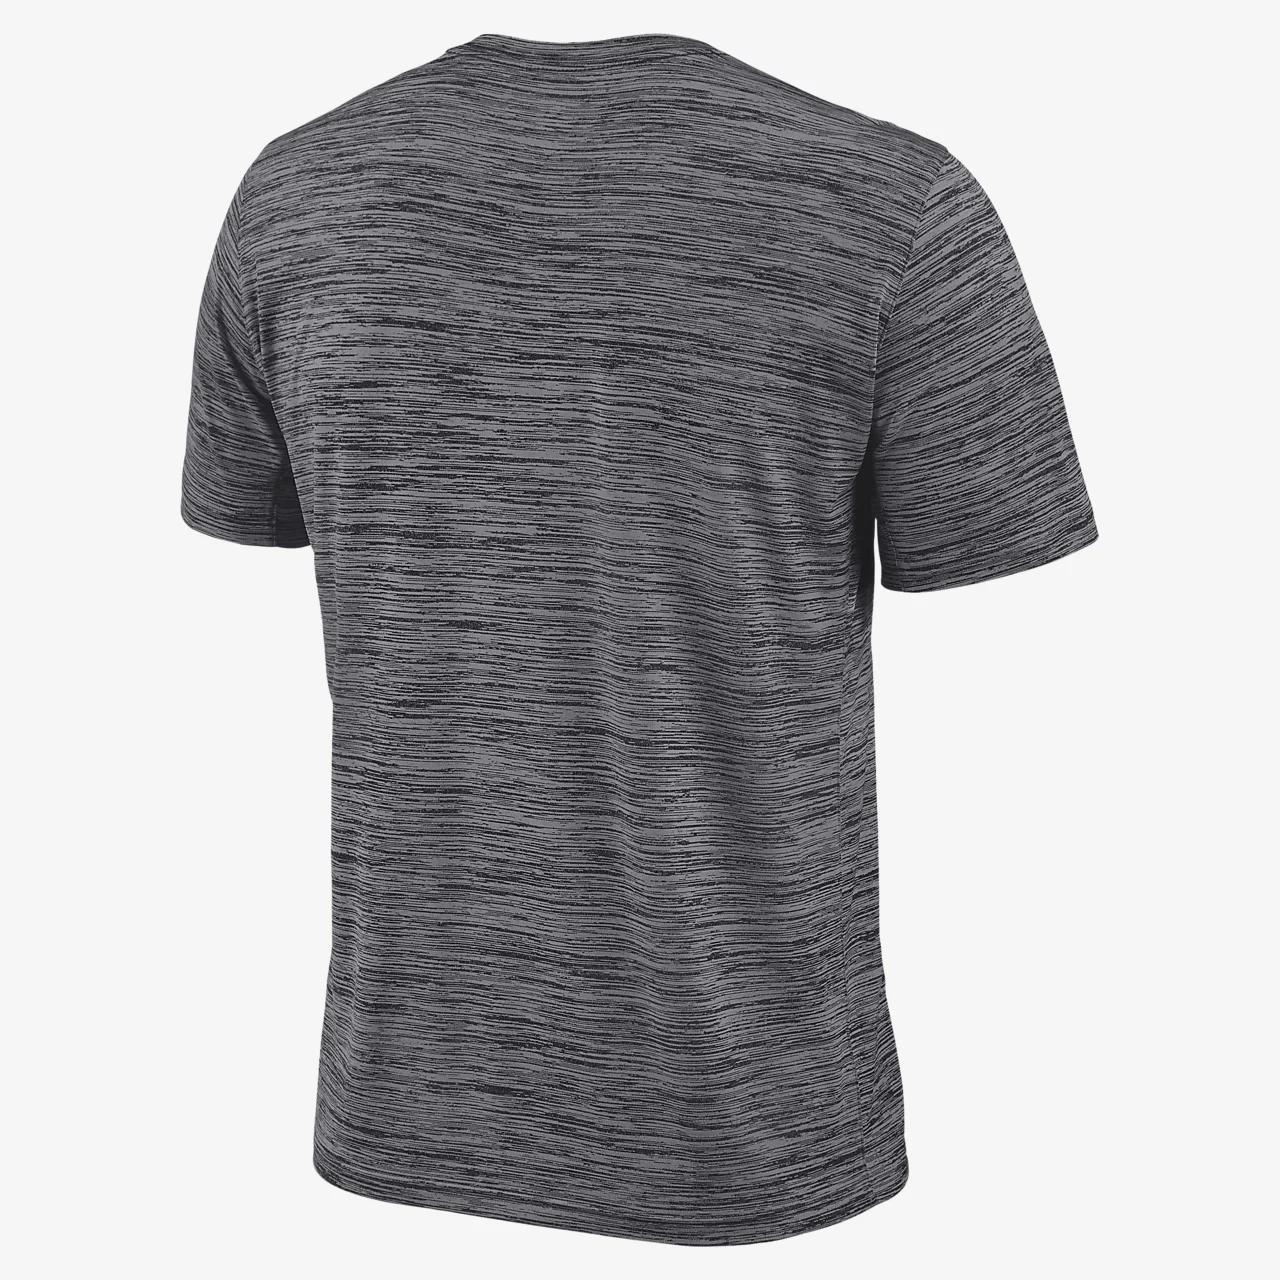 나이키 칼리지 드라이핏 벨로시티(텍사스) 남자 티셔츠 CT7624-021